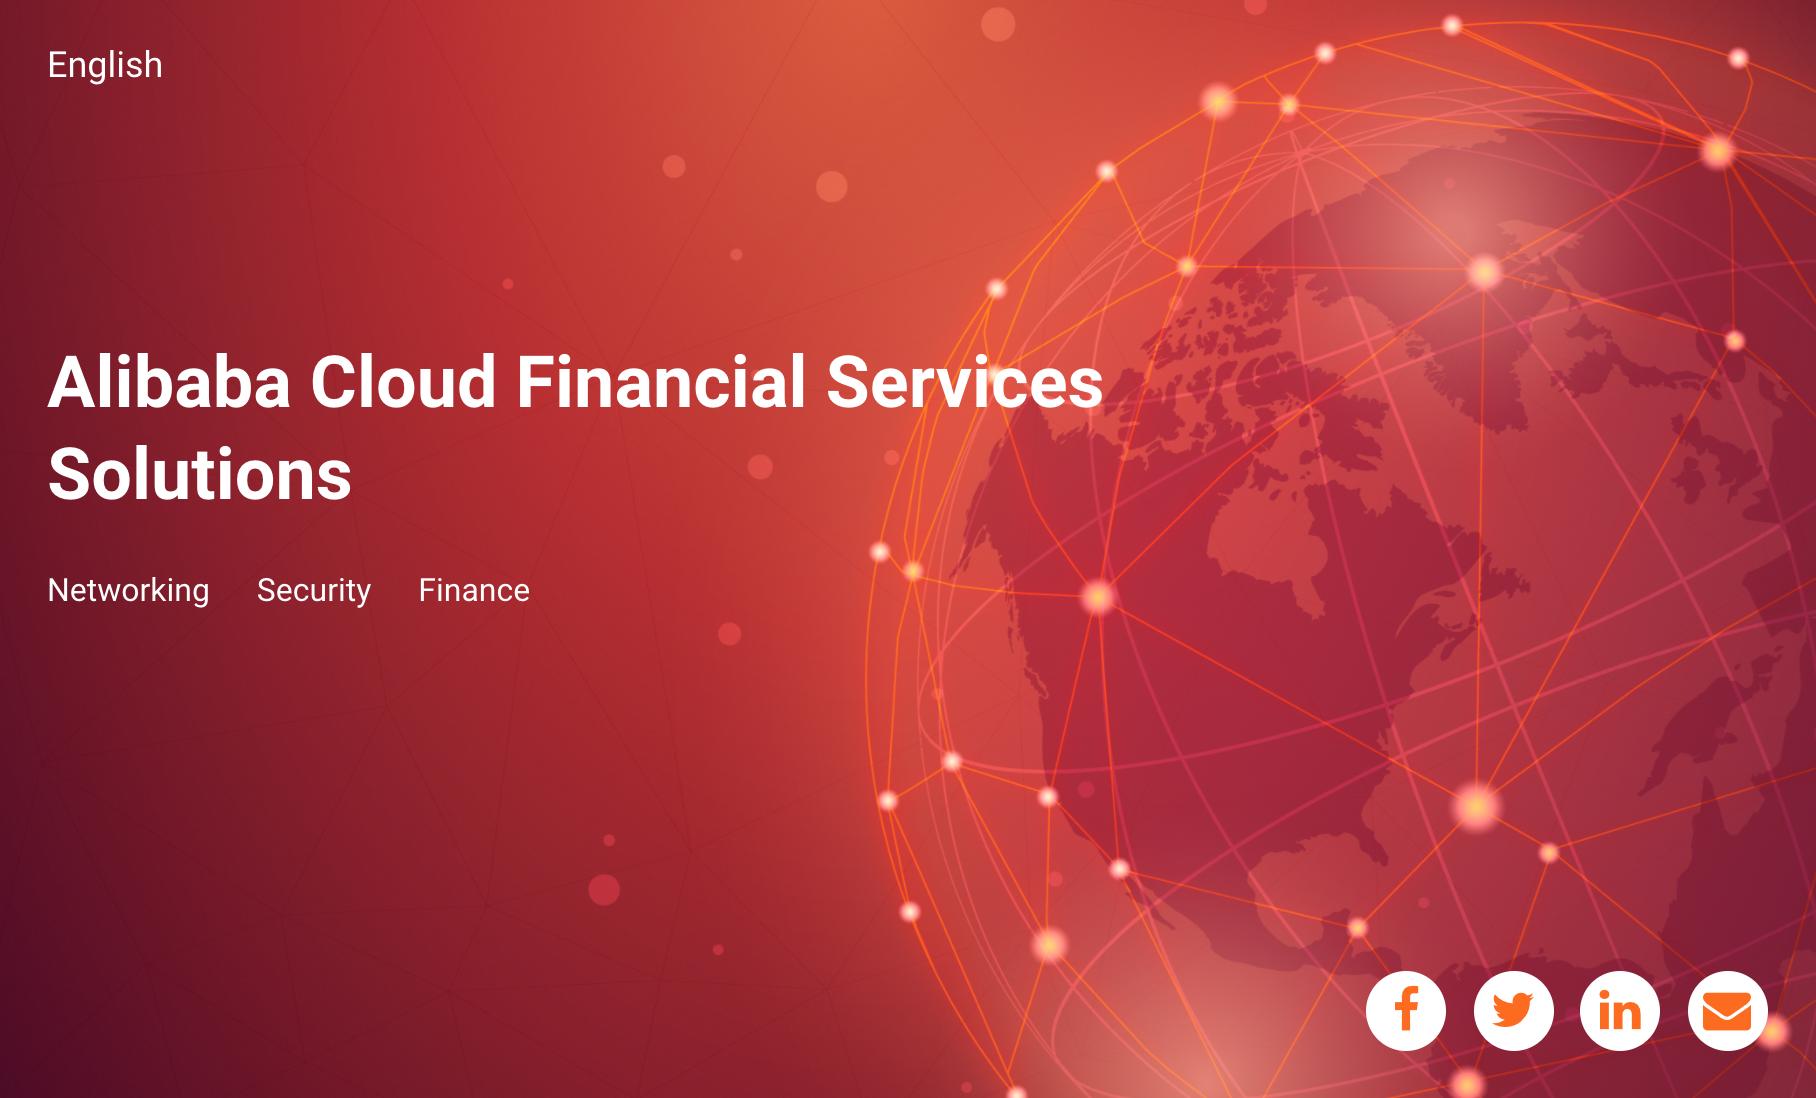 Alibaba Cloud Webinar: Alibaba Cloud Financial Services Solutions